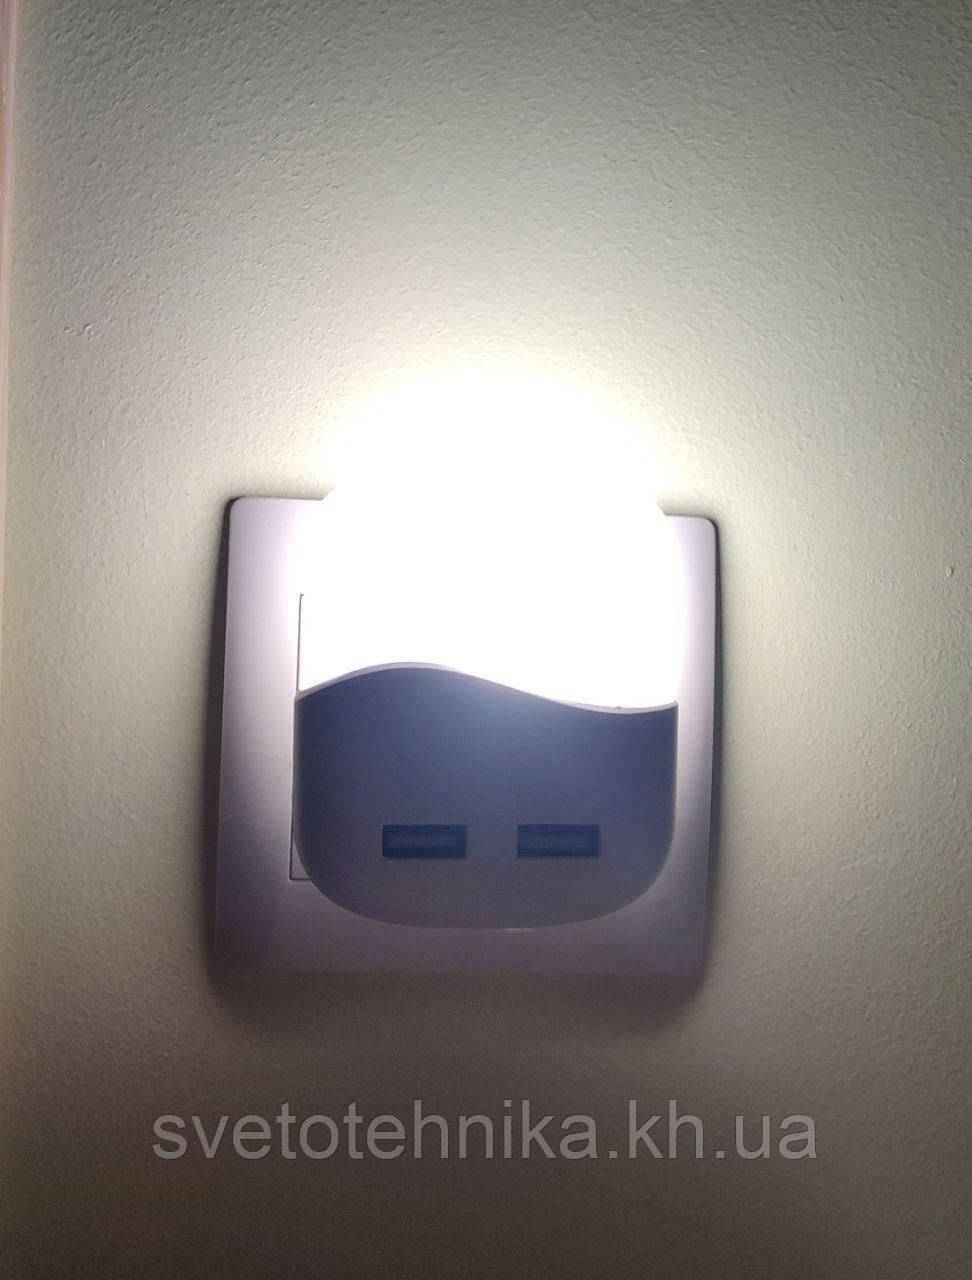 """Светильник - ночник  """"Feron"""" FN 1123 белый 0.45 W, с датчиком освещенности и 2-мя USB портами"""